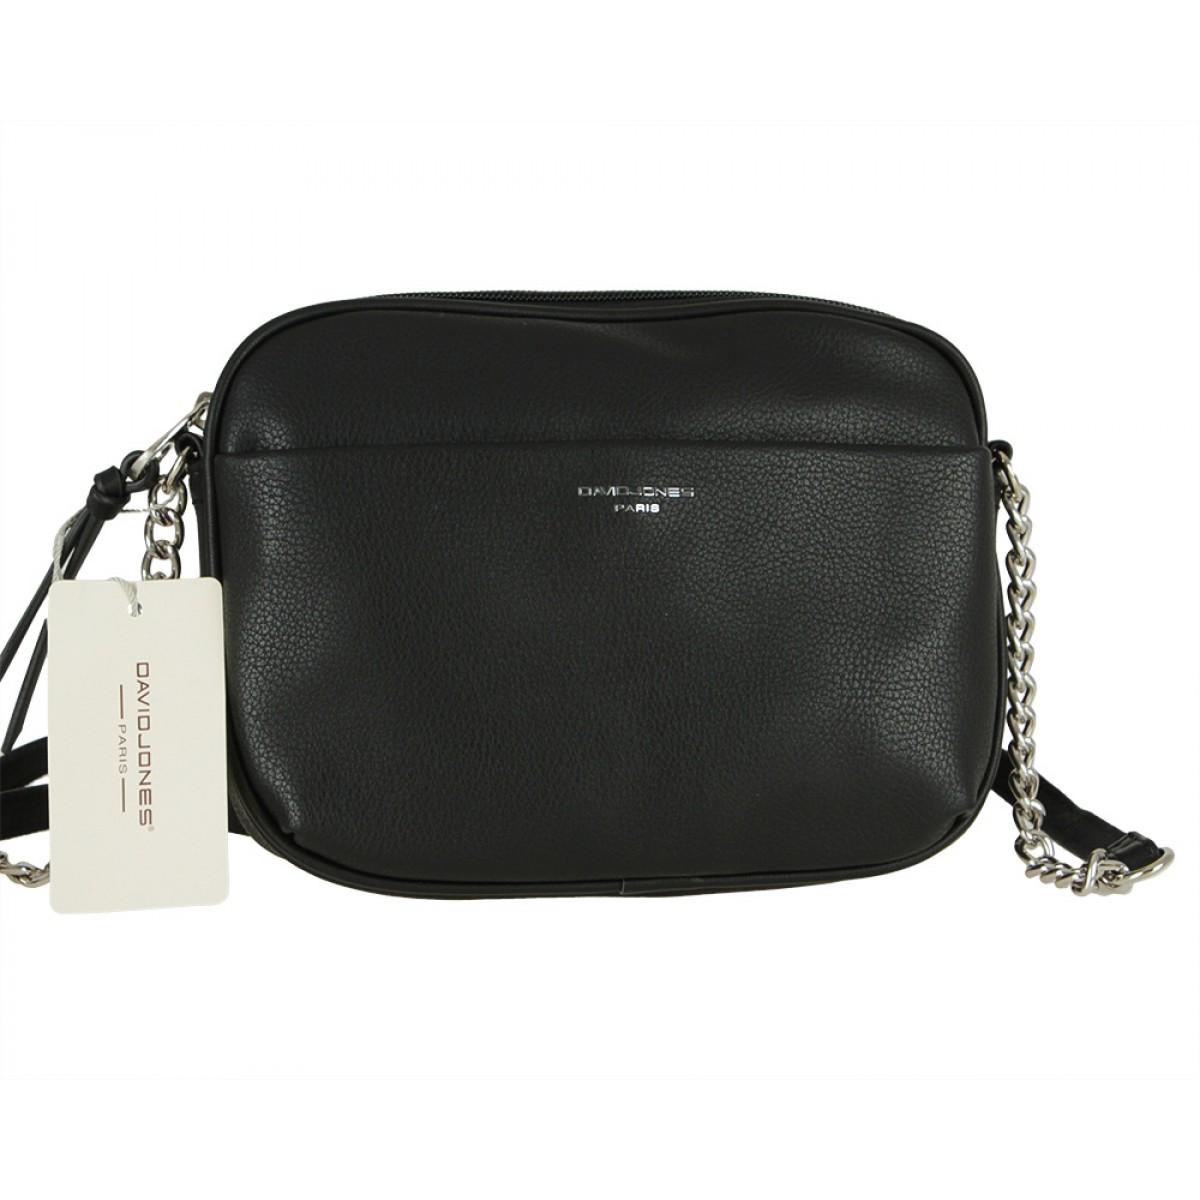 Жіноча сумка David Jones 6129-1 BLACK